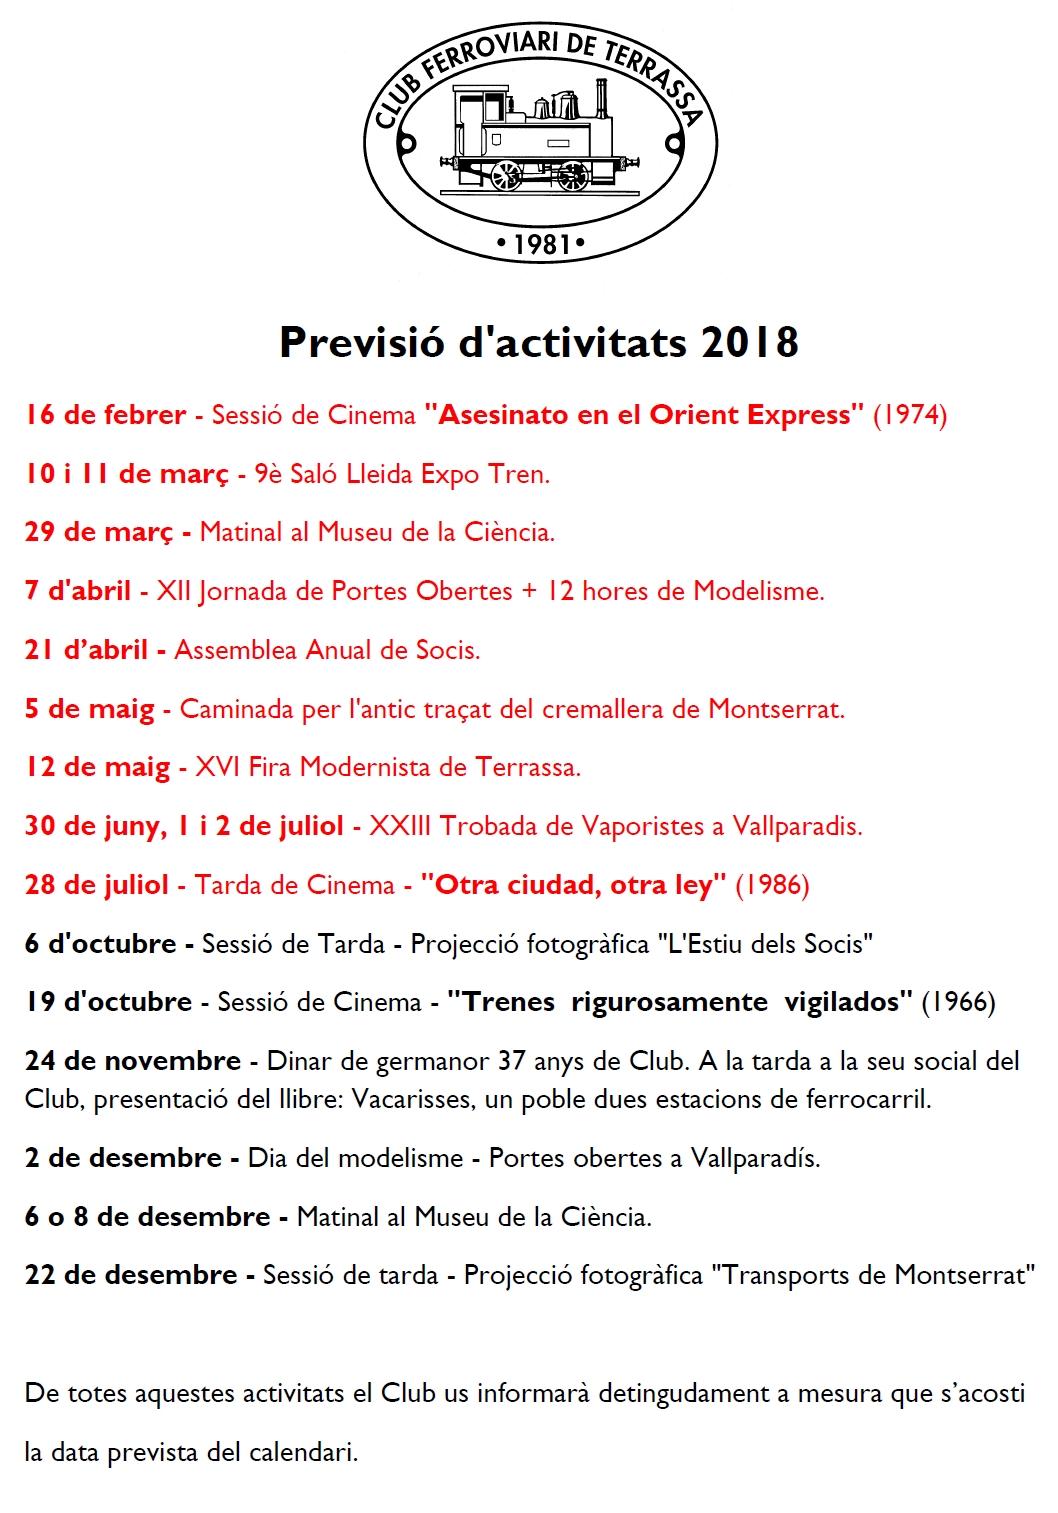 Previsió d'activitats - Actualització 18-SET-2018